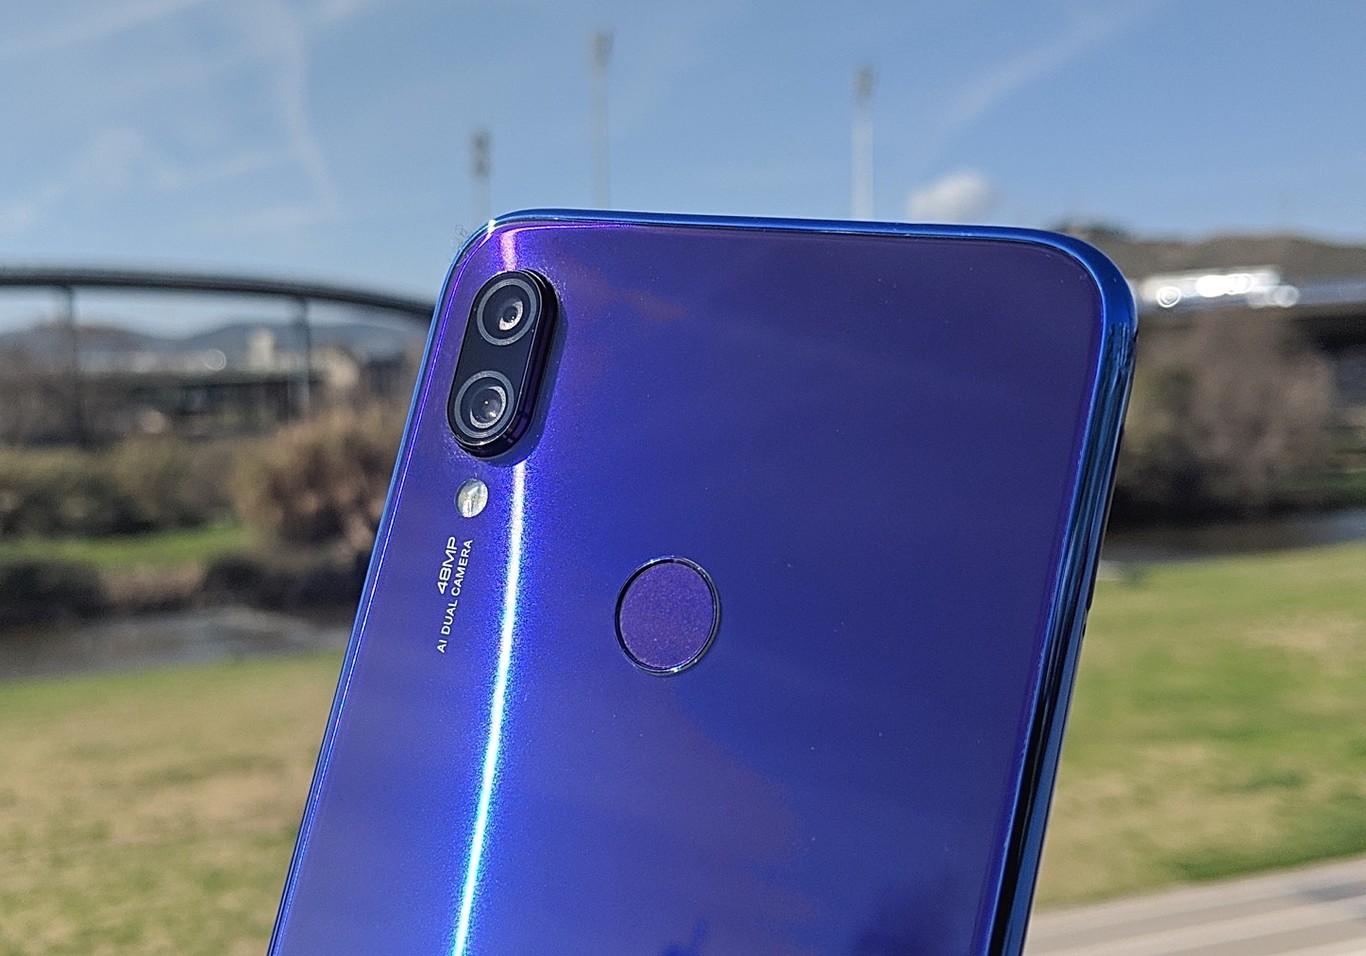 Cámaras de más de 100 megapixeles: el próximo paso en fotografía de smartphones que llegarán este 2019, según...